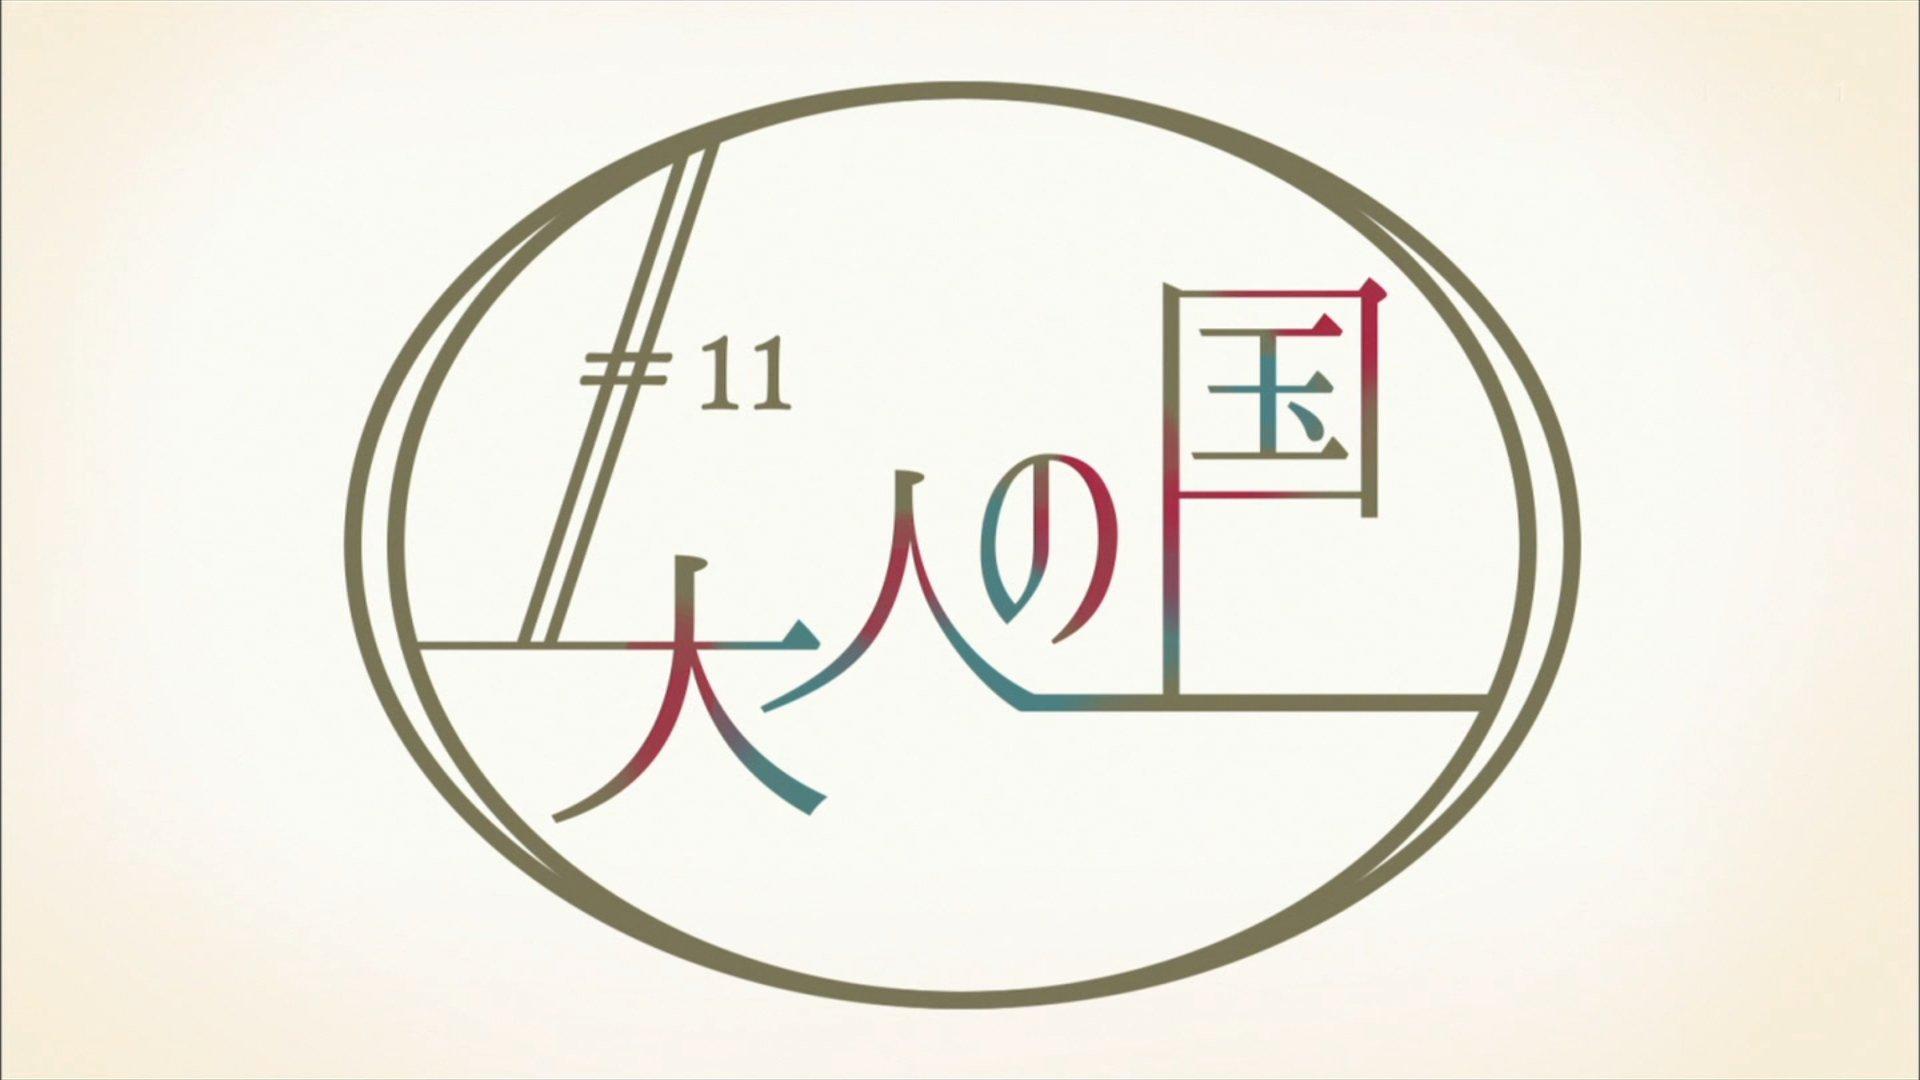 アダルトの国 #kinonotabi #キノの旅 #tokyoMX https://t.co/TNtXizB4SL